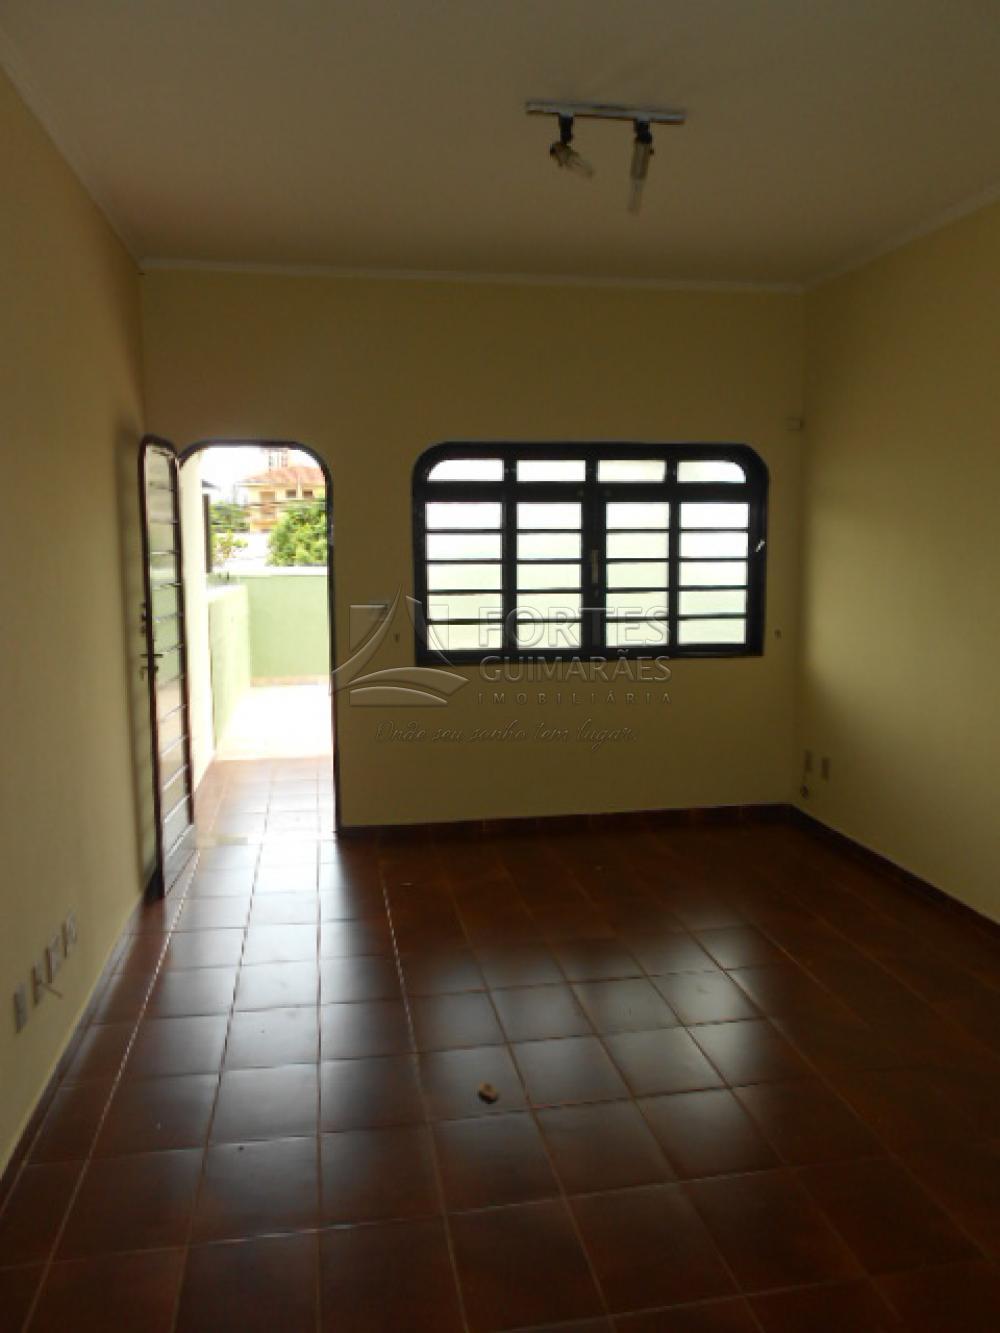 Alugar Comercial / Imóvel Comercial em Ribeirão Preto apenas R$ 5.000,00 - Foto 12